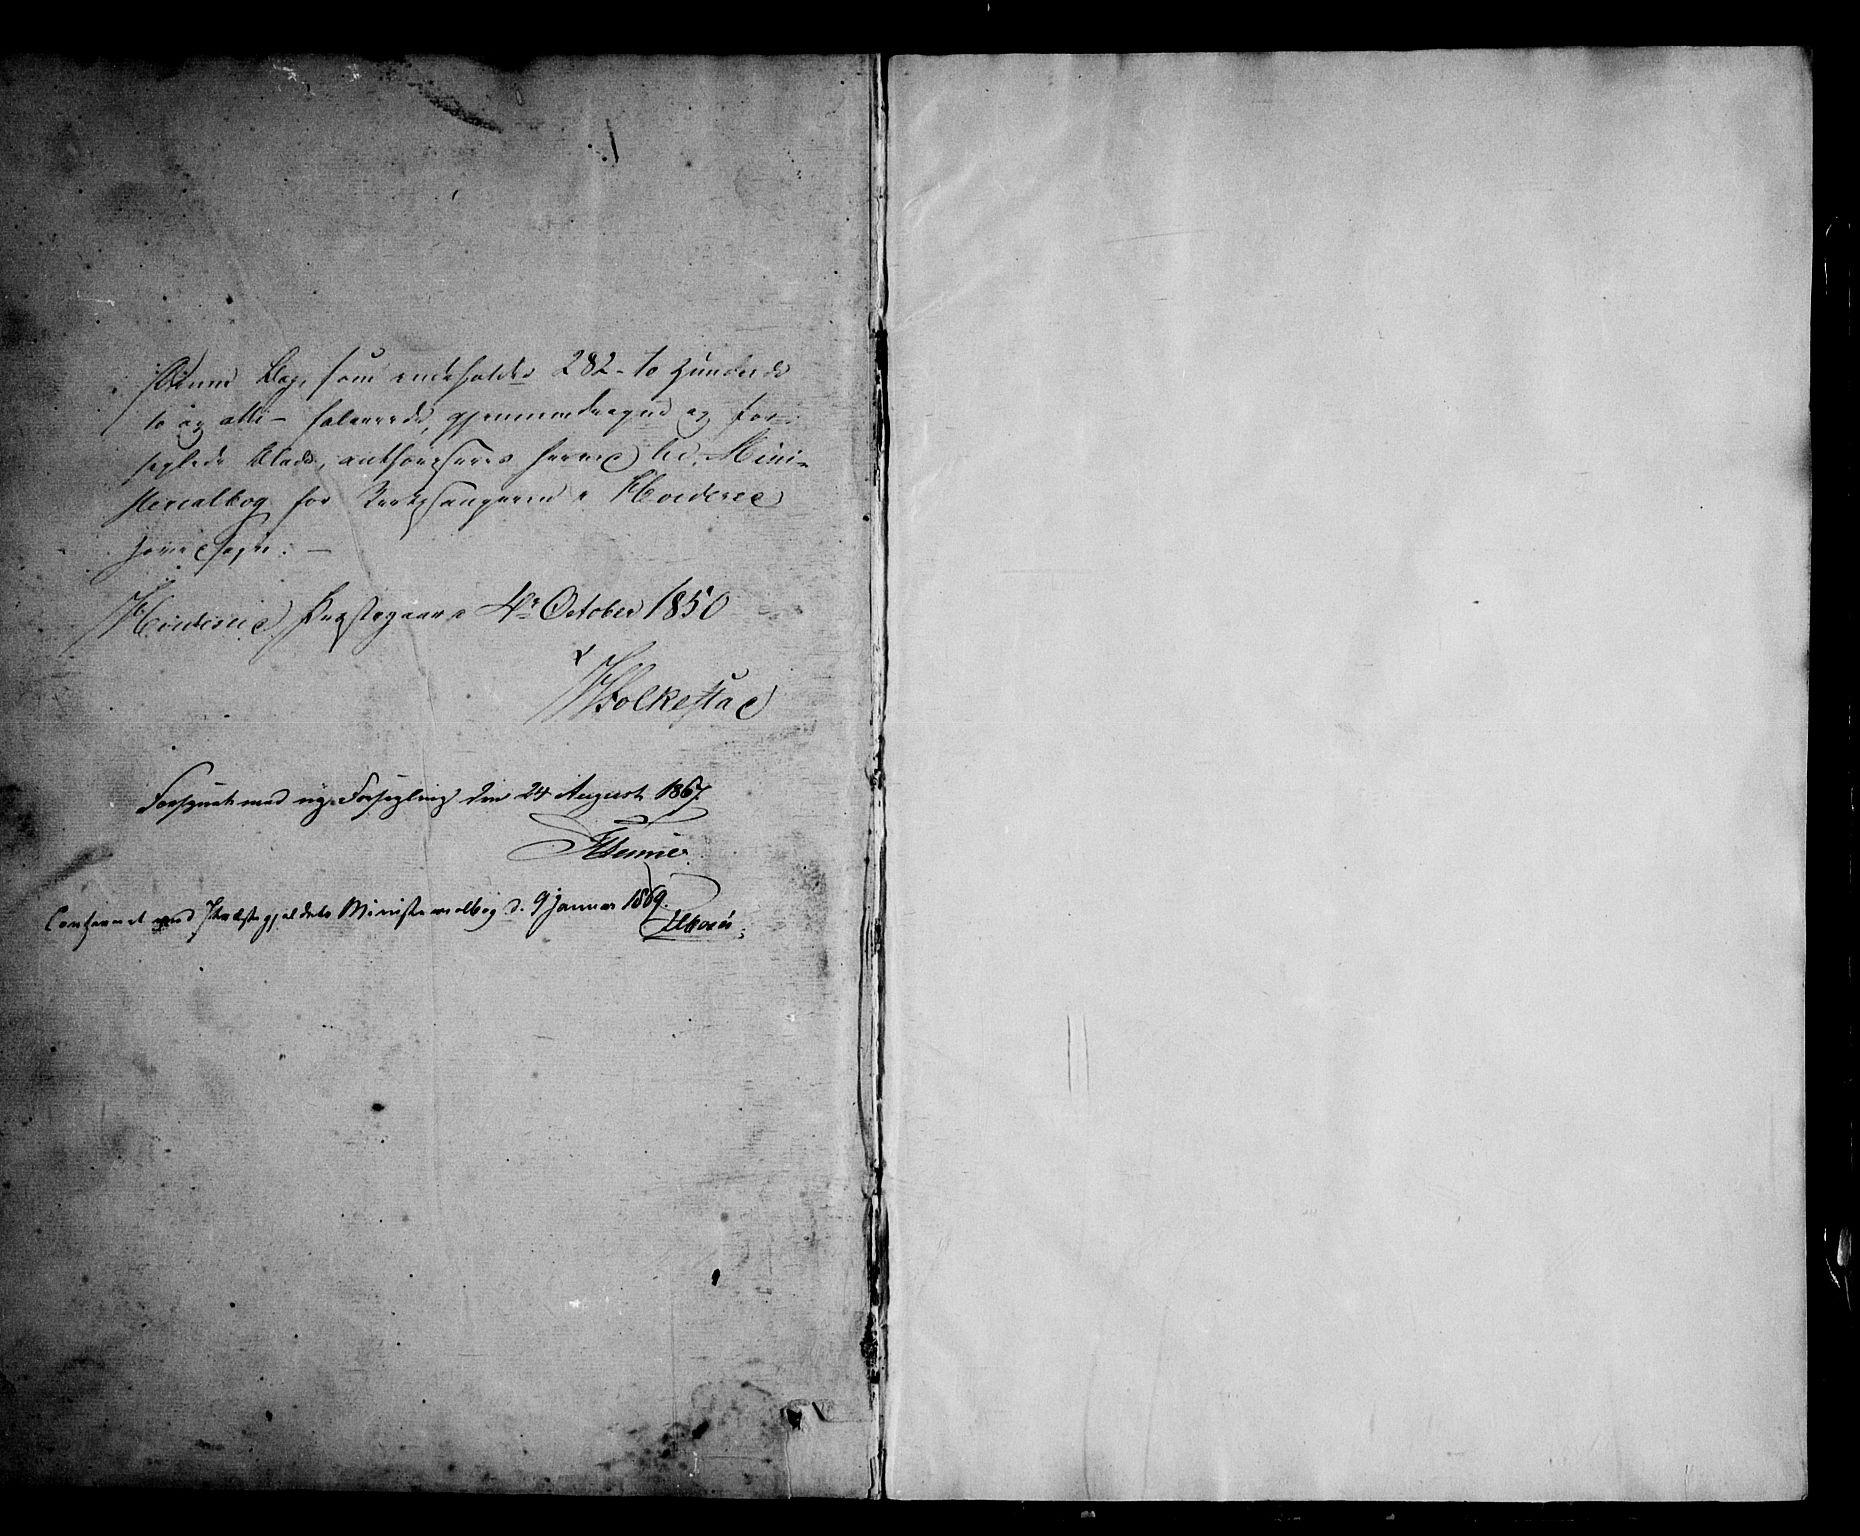 SAKO, Kviteseid kirkebøker, G/Ga/L0001: Klokkerbok nr. I 1, 1850-1893